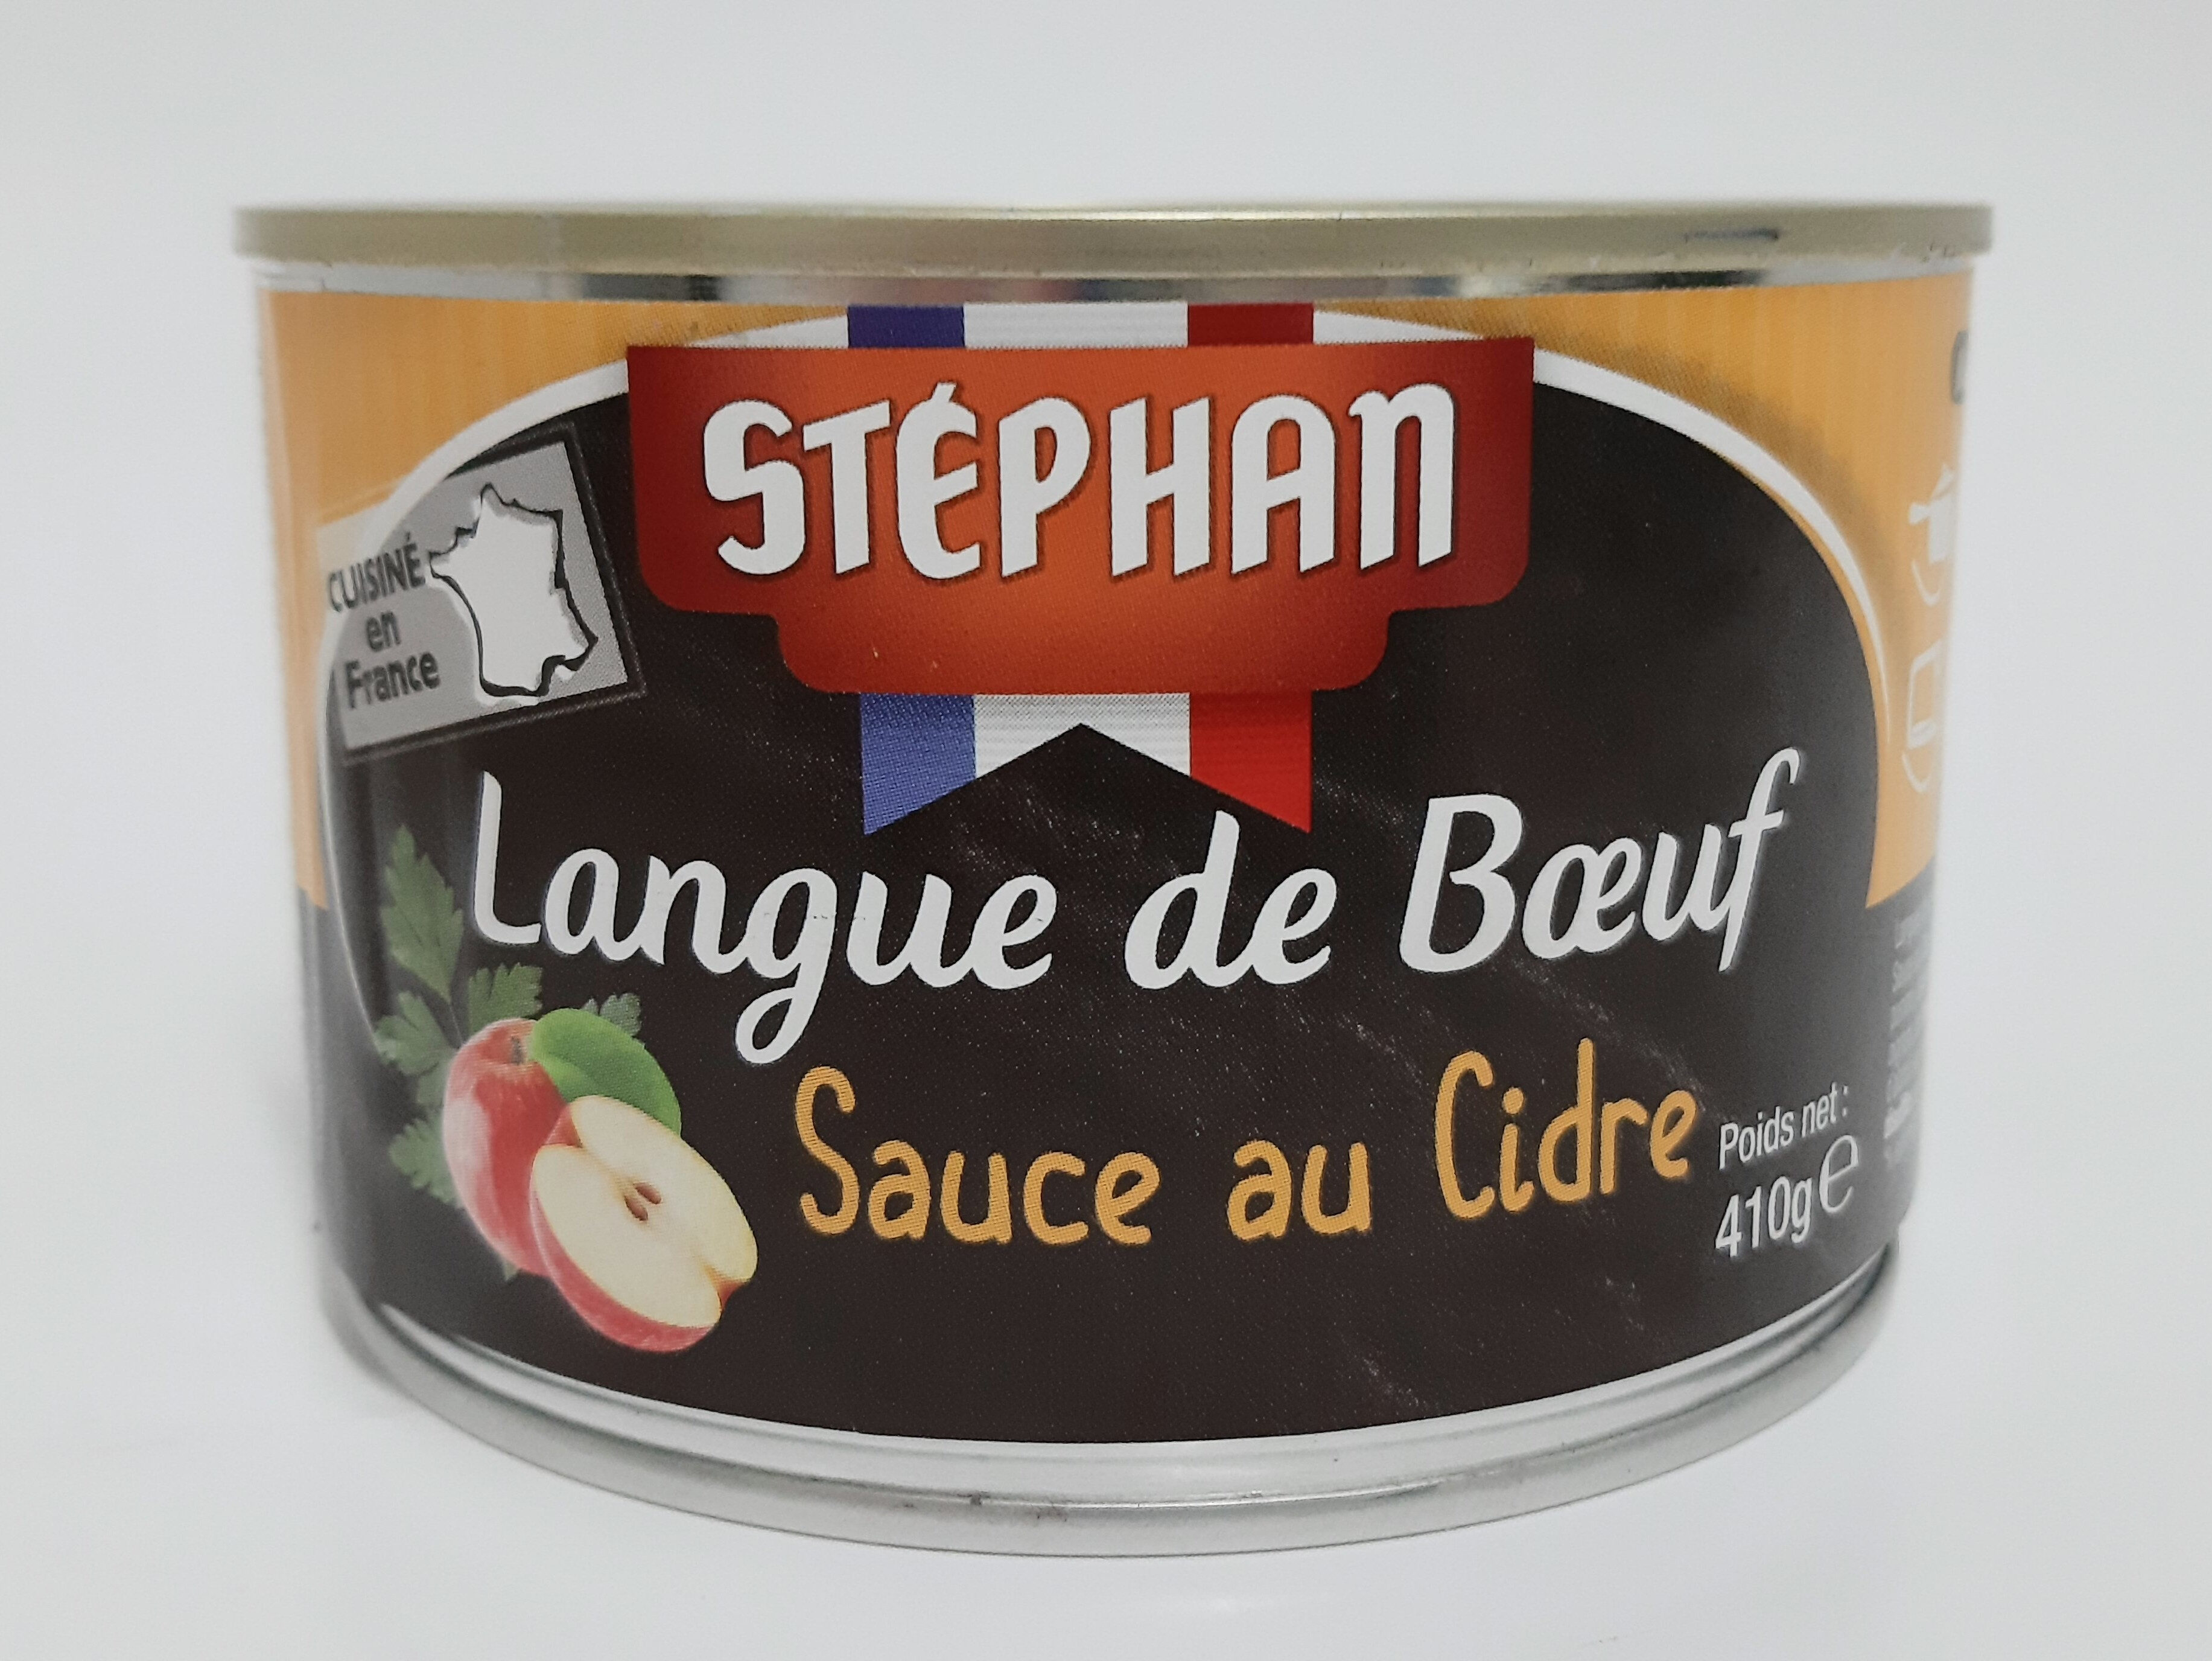 Langue de boeuf sauce au cidre - Produit - fr